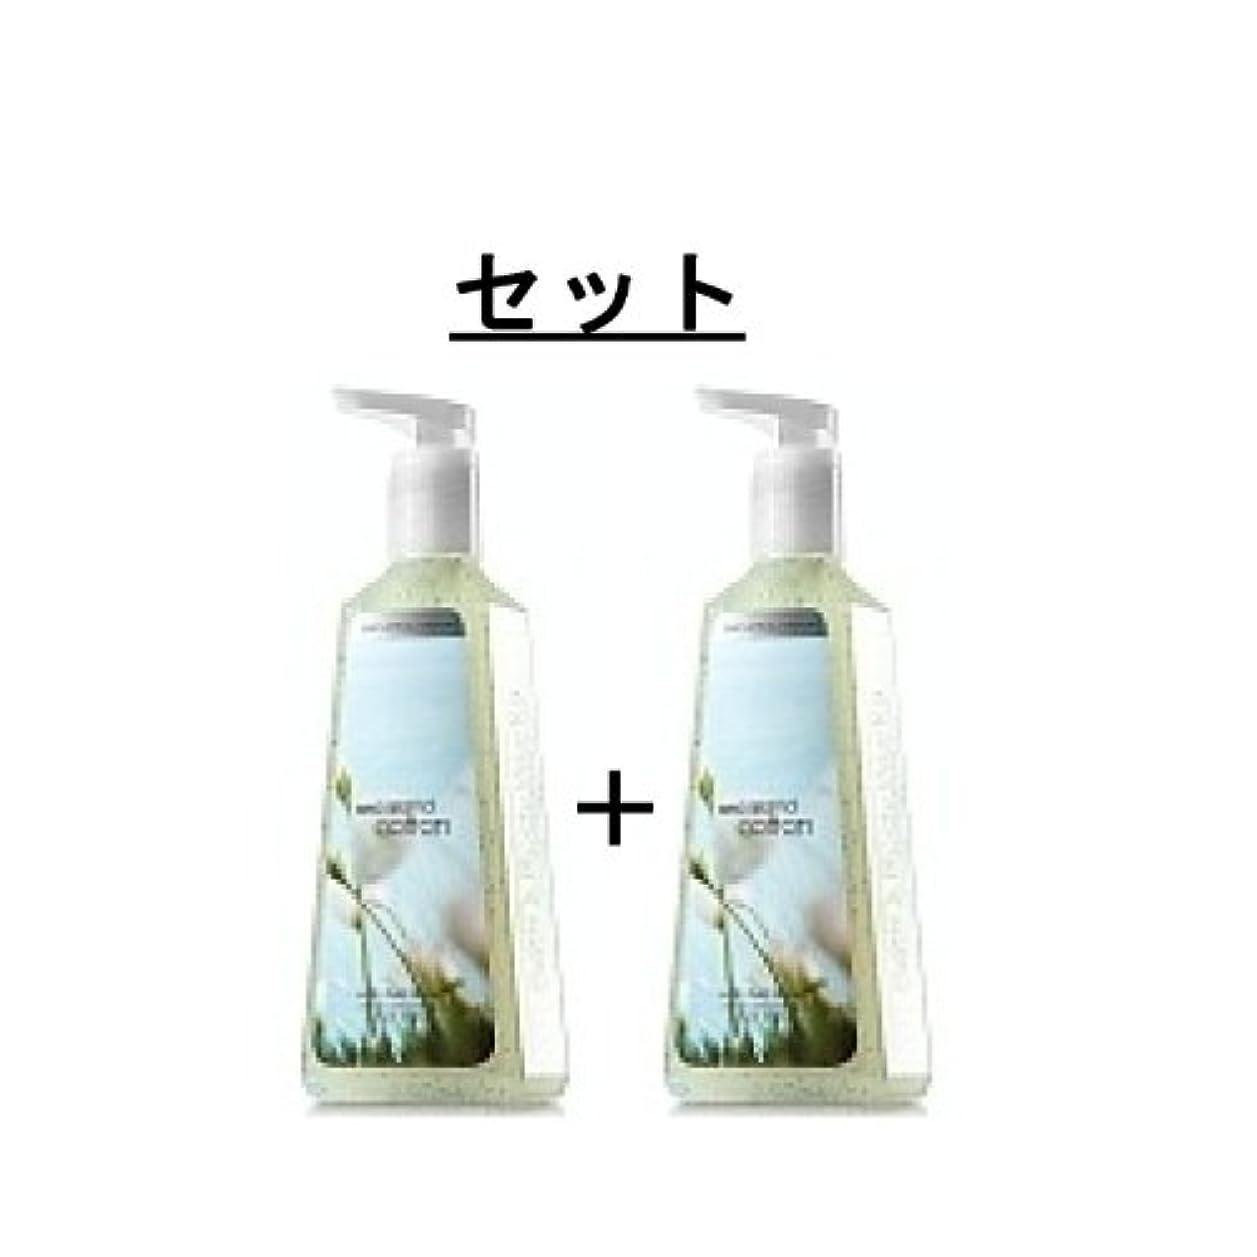 分苦しみパワーセルBath & Body Works Sea Island Cotton Antibacterial Deep Cleansing Hand Soap Set of 2 シーアイランドコットン【並行輸入品】